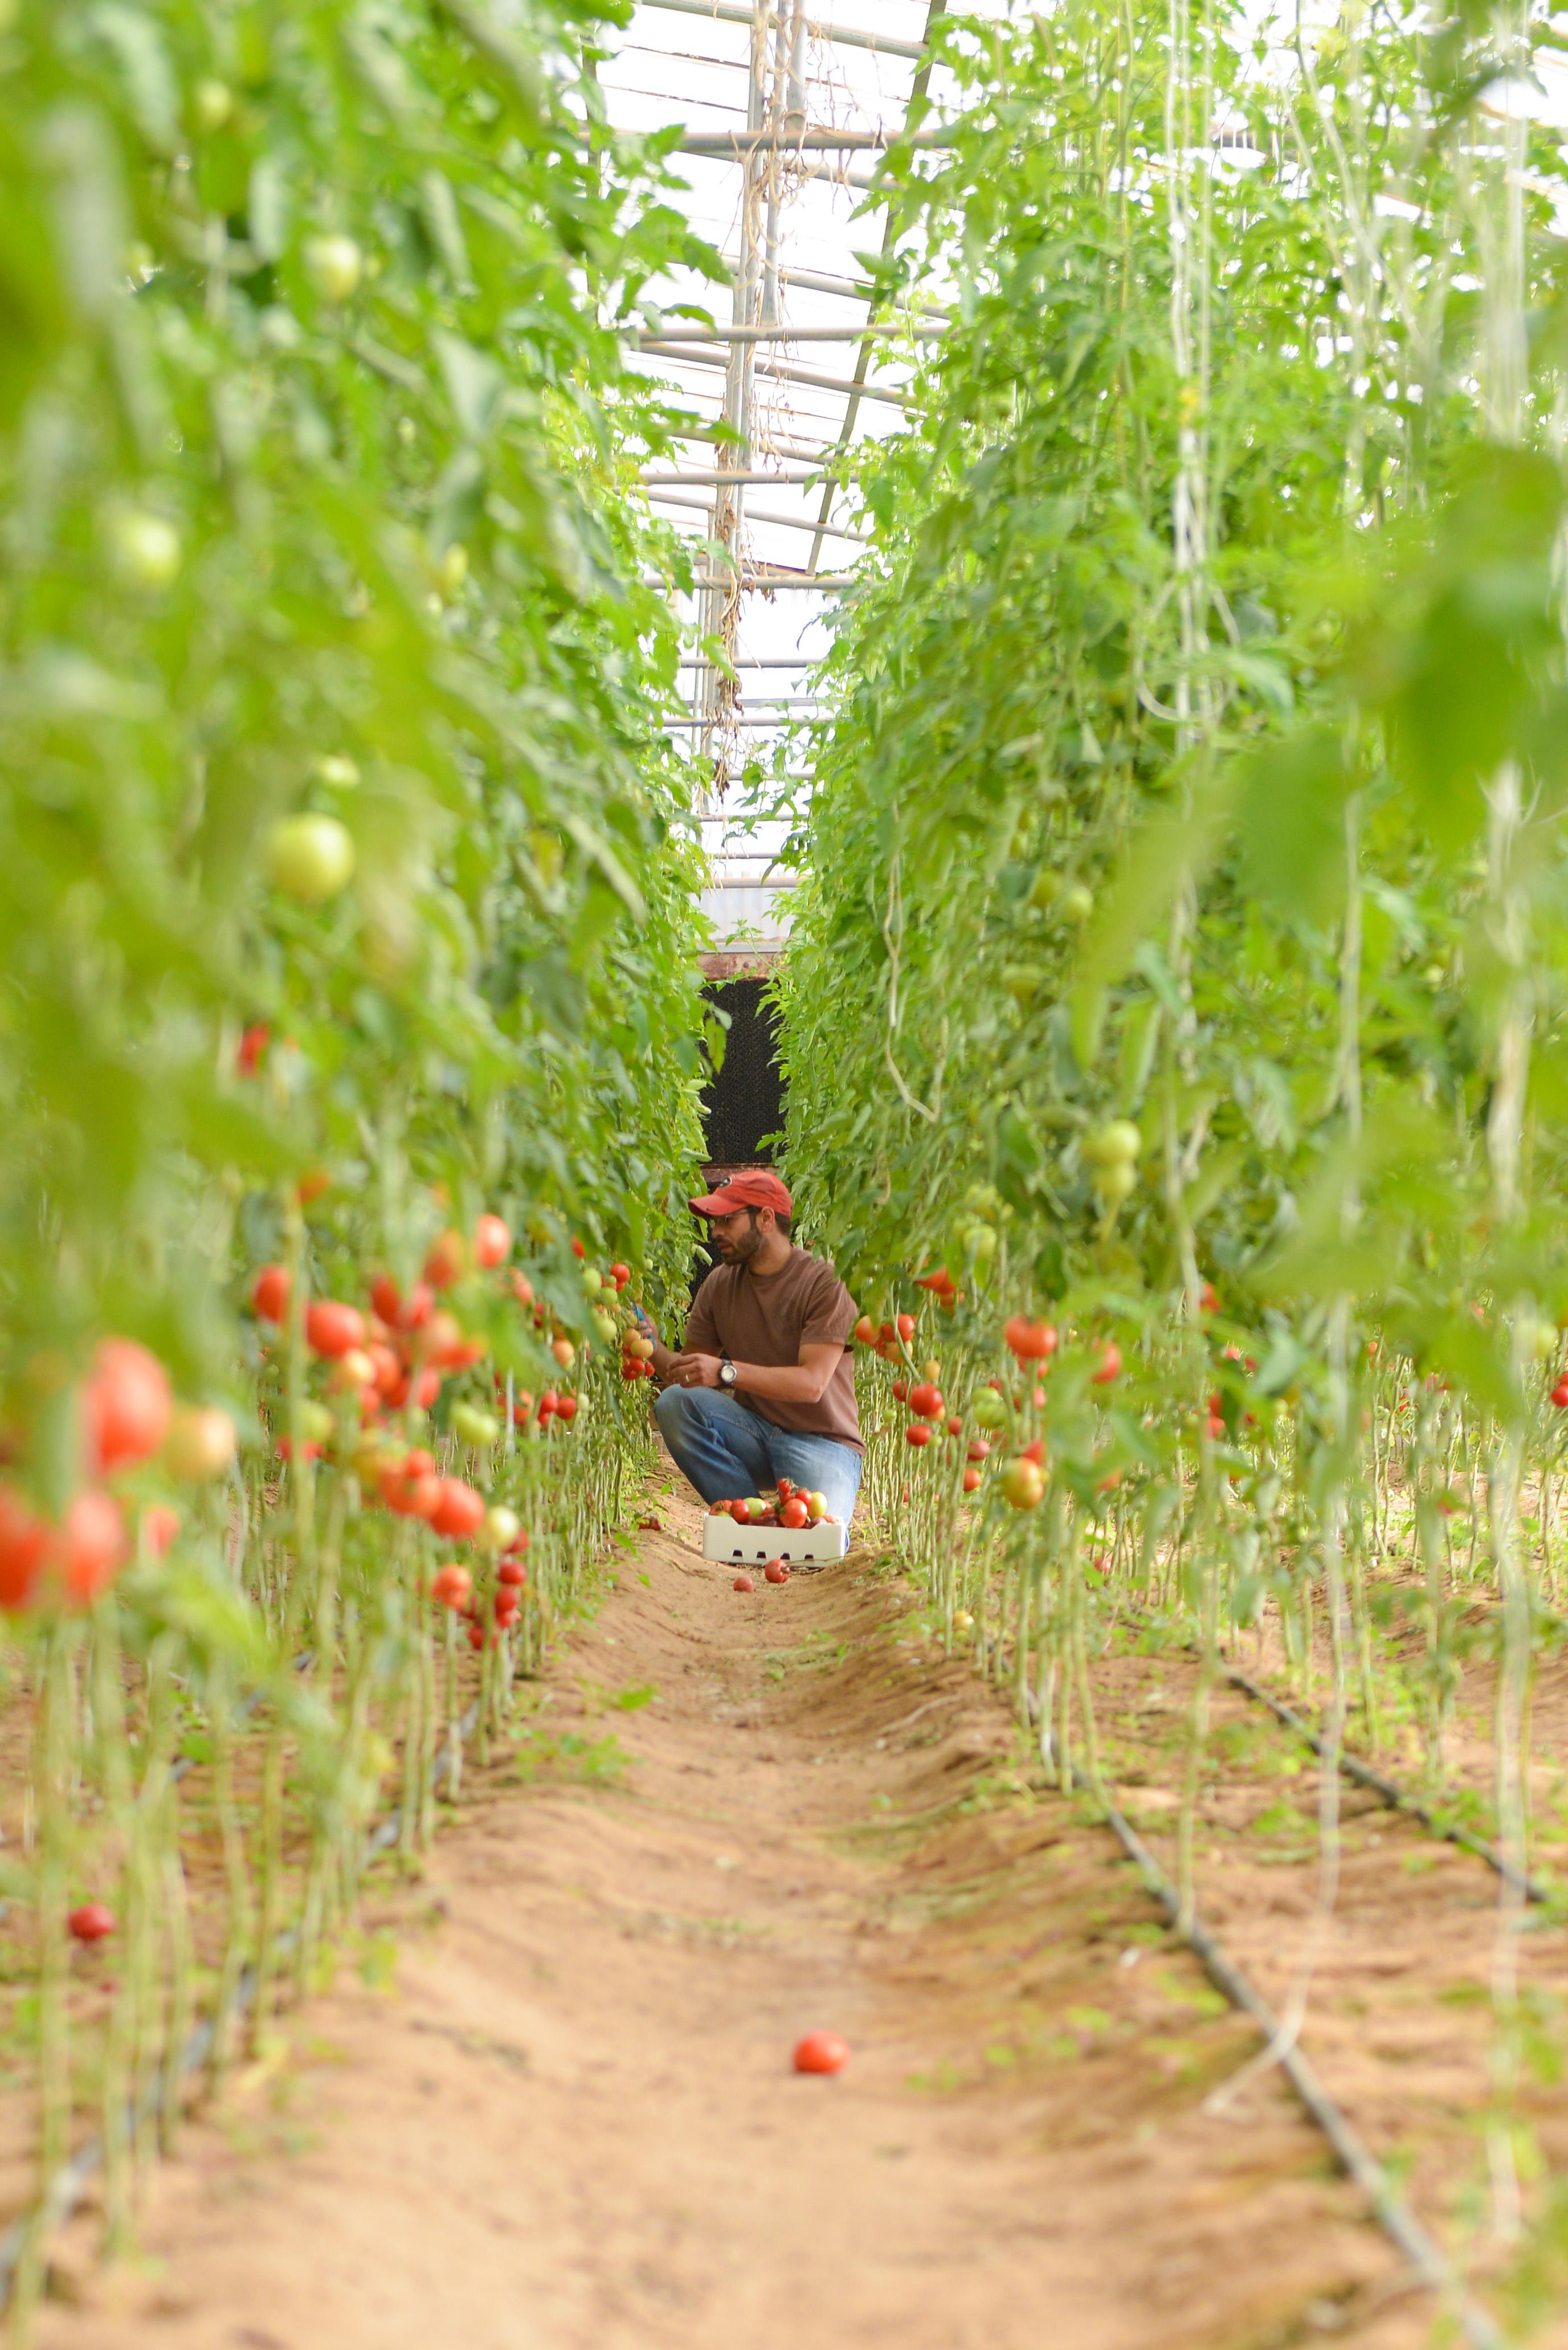 Tomatoes at Kenaneya Farm